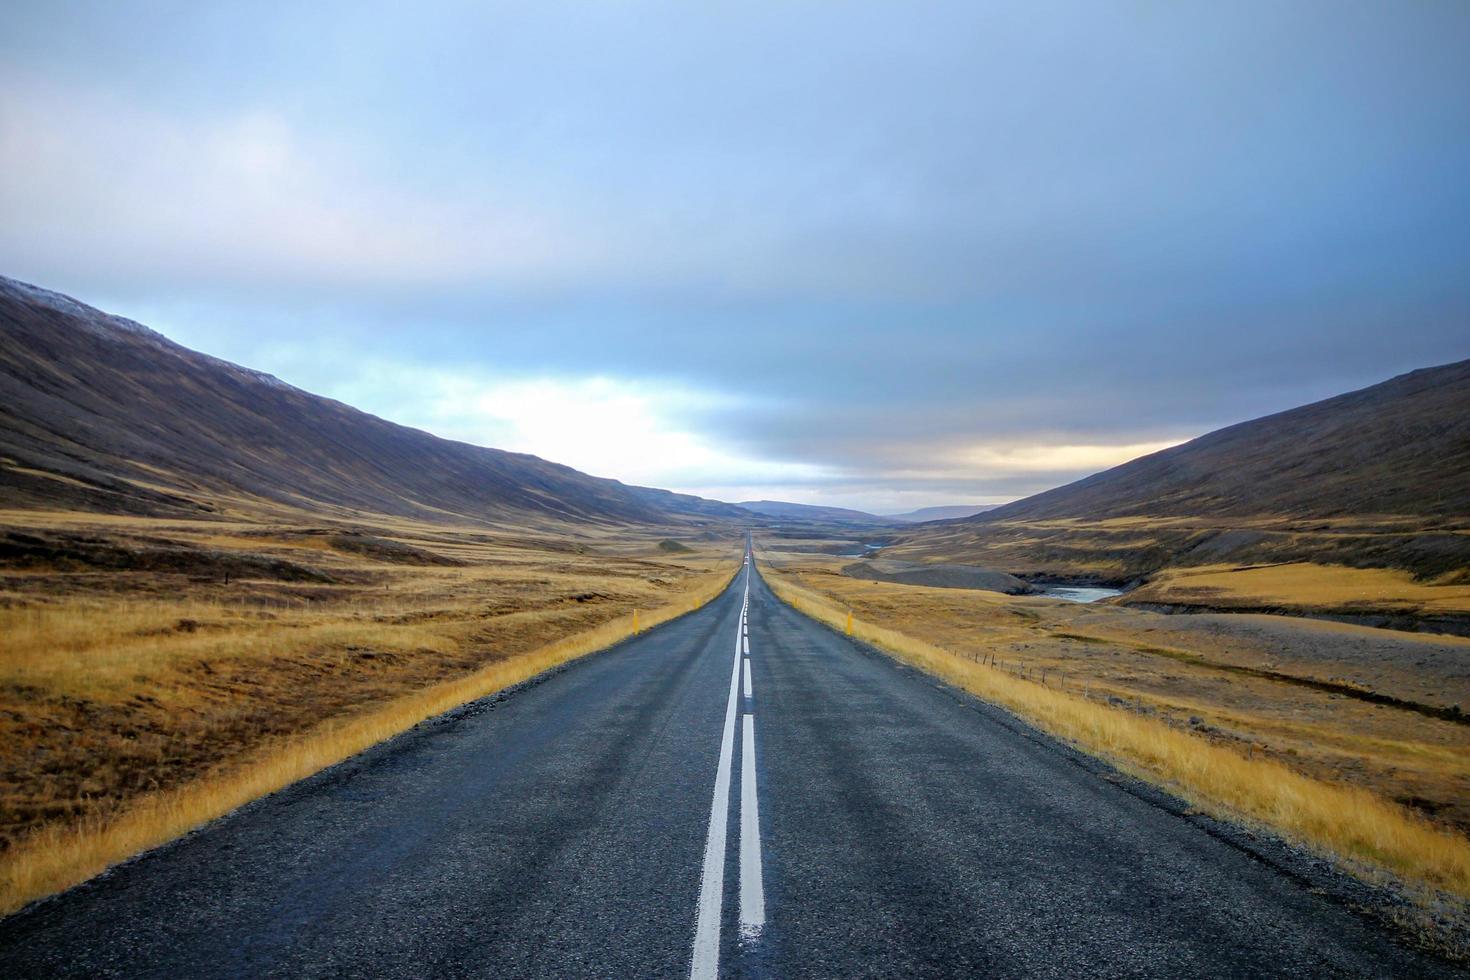 strada che attraversa un paesaggio collinare foto